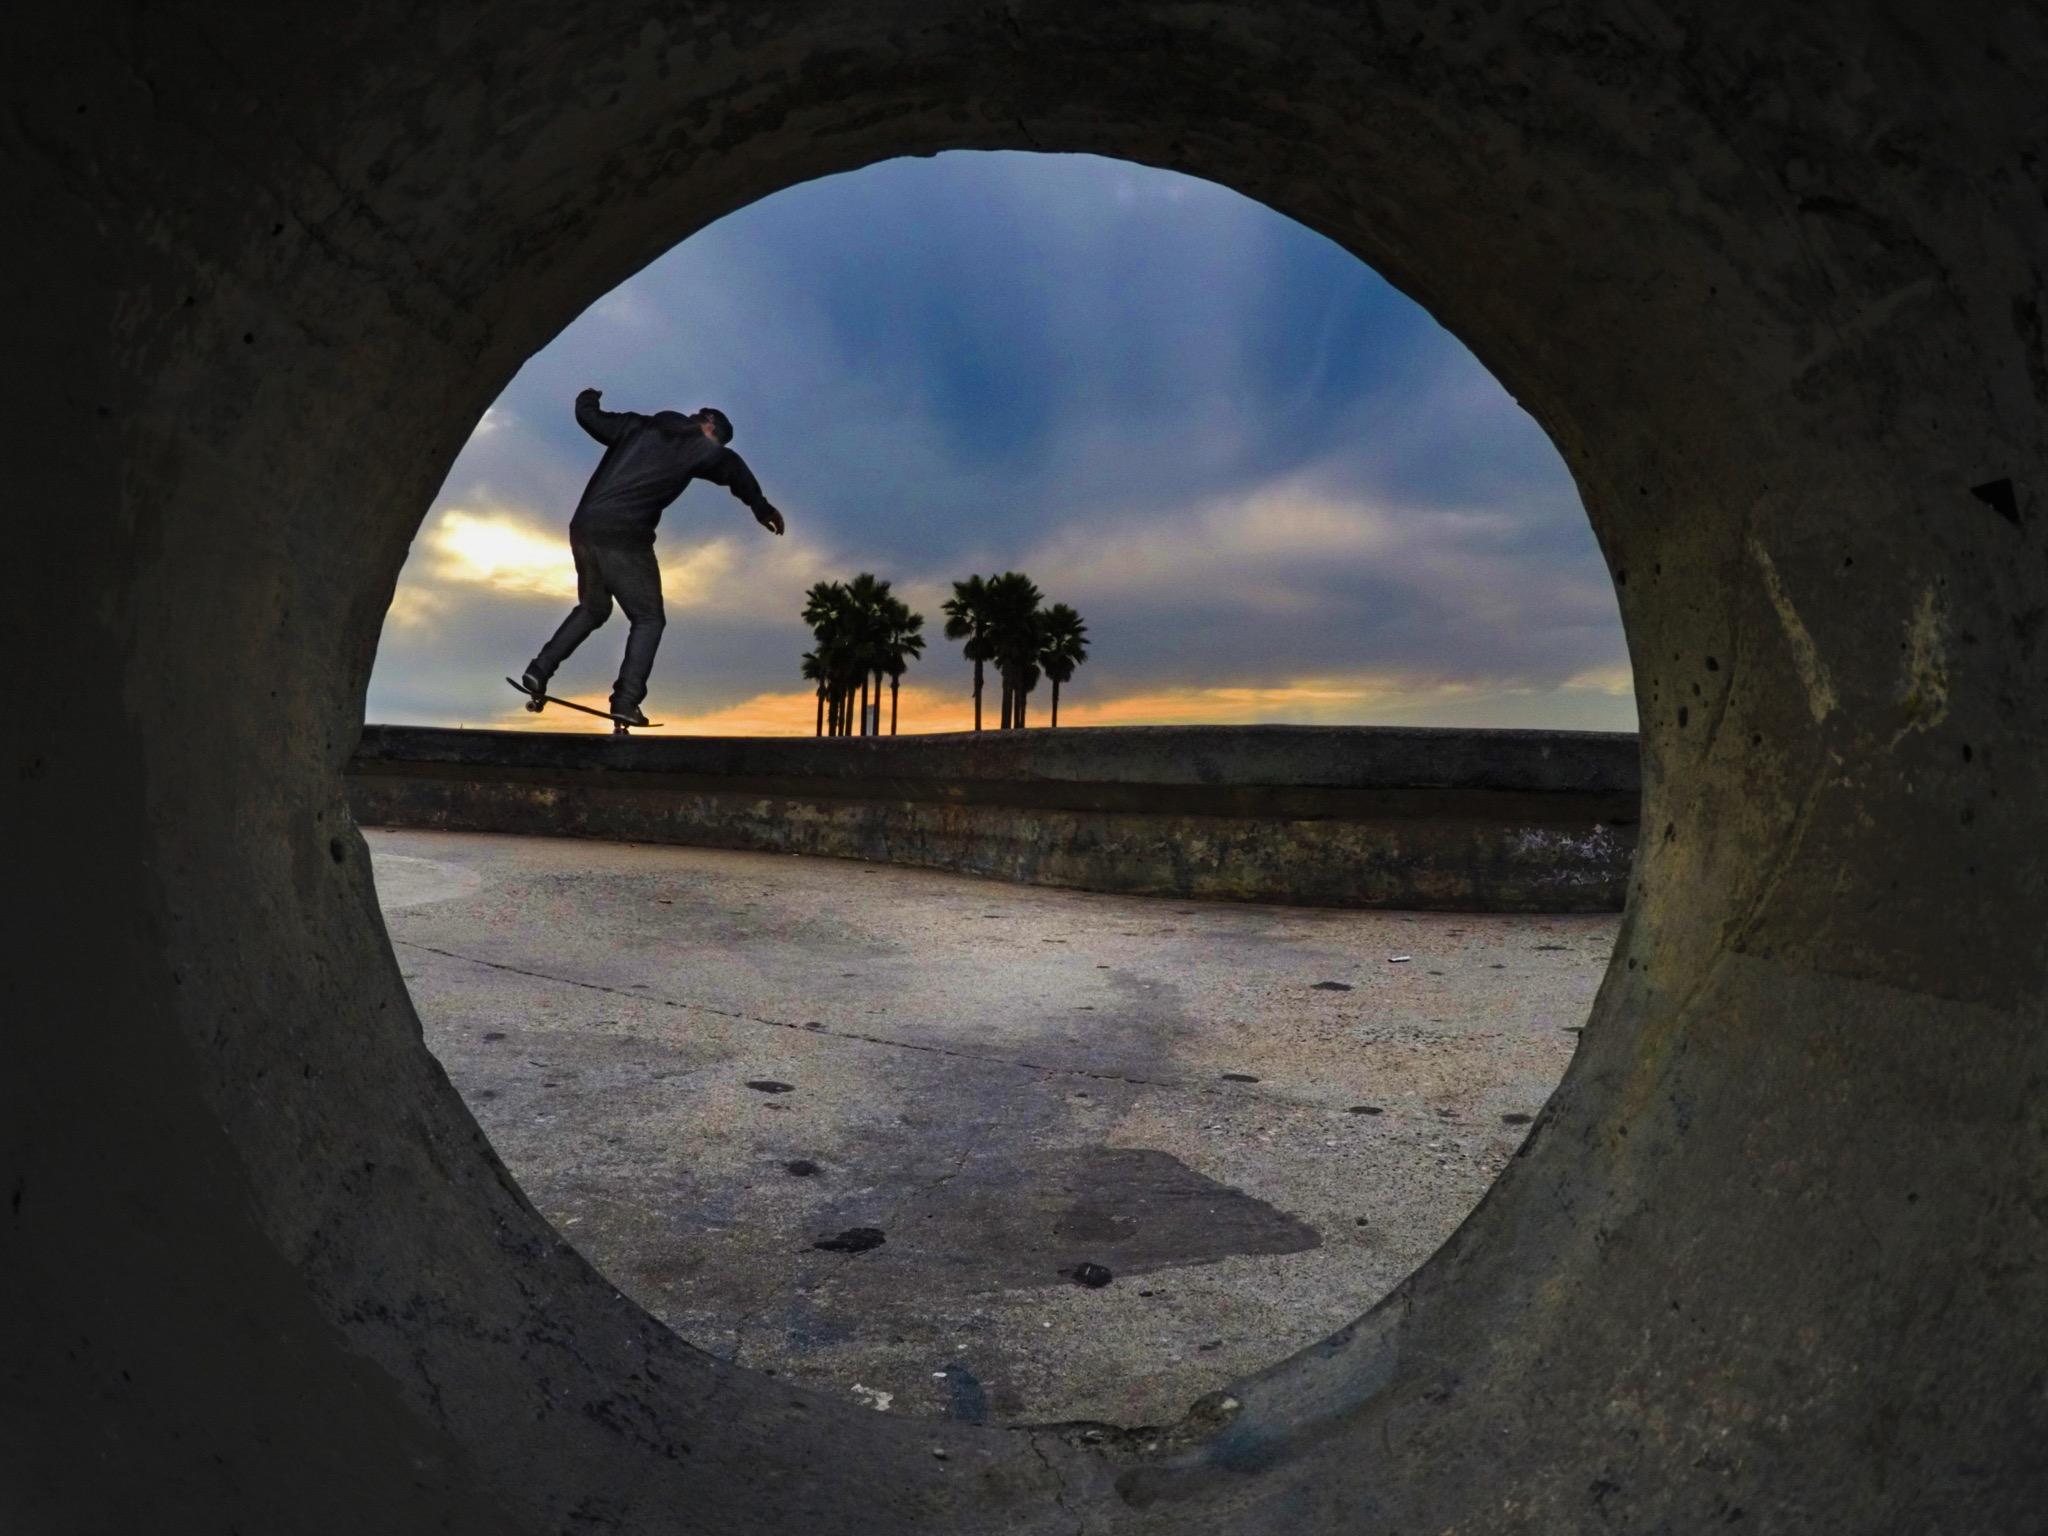 Sewa Kroetkov | Venice Beach